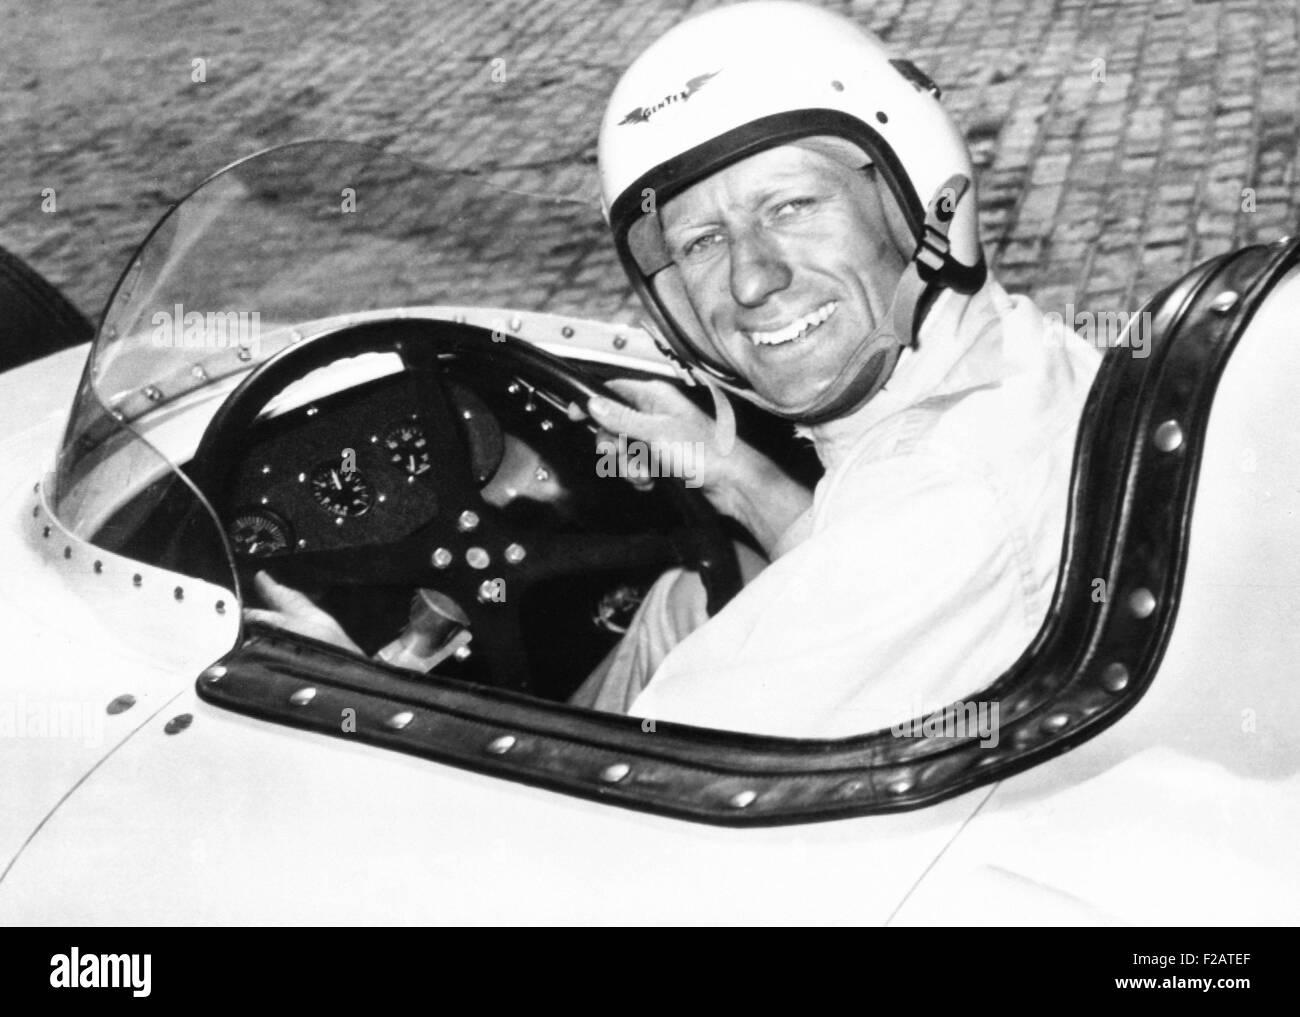 Jack McGrath war der schnellste Qualifikationsrunde für die 1955 500 Meilen von Indianapolis. Während Stockbild